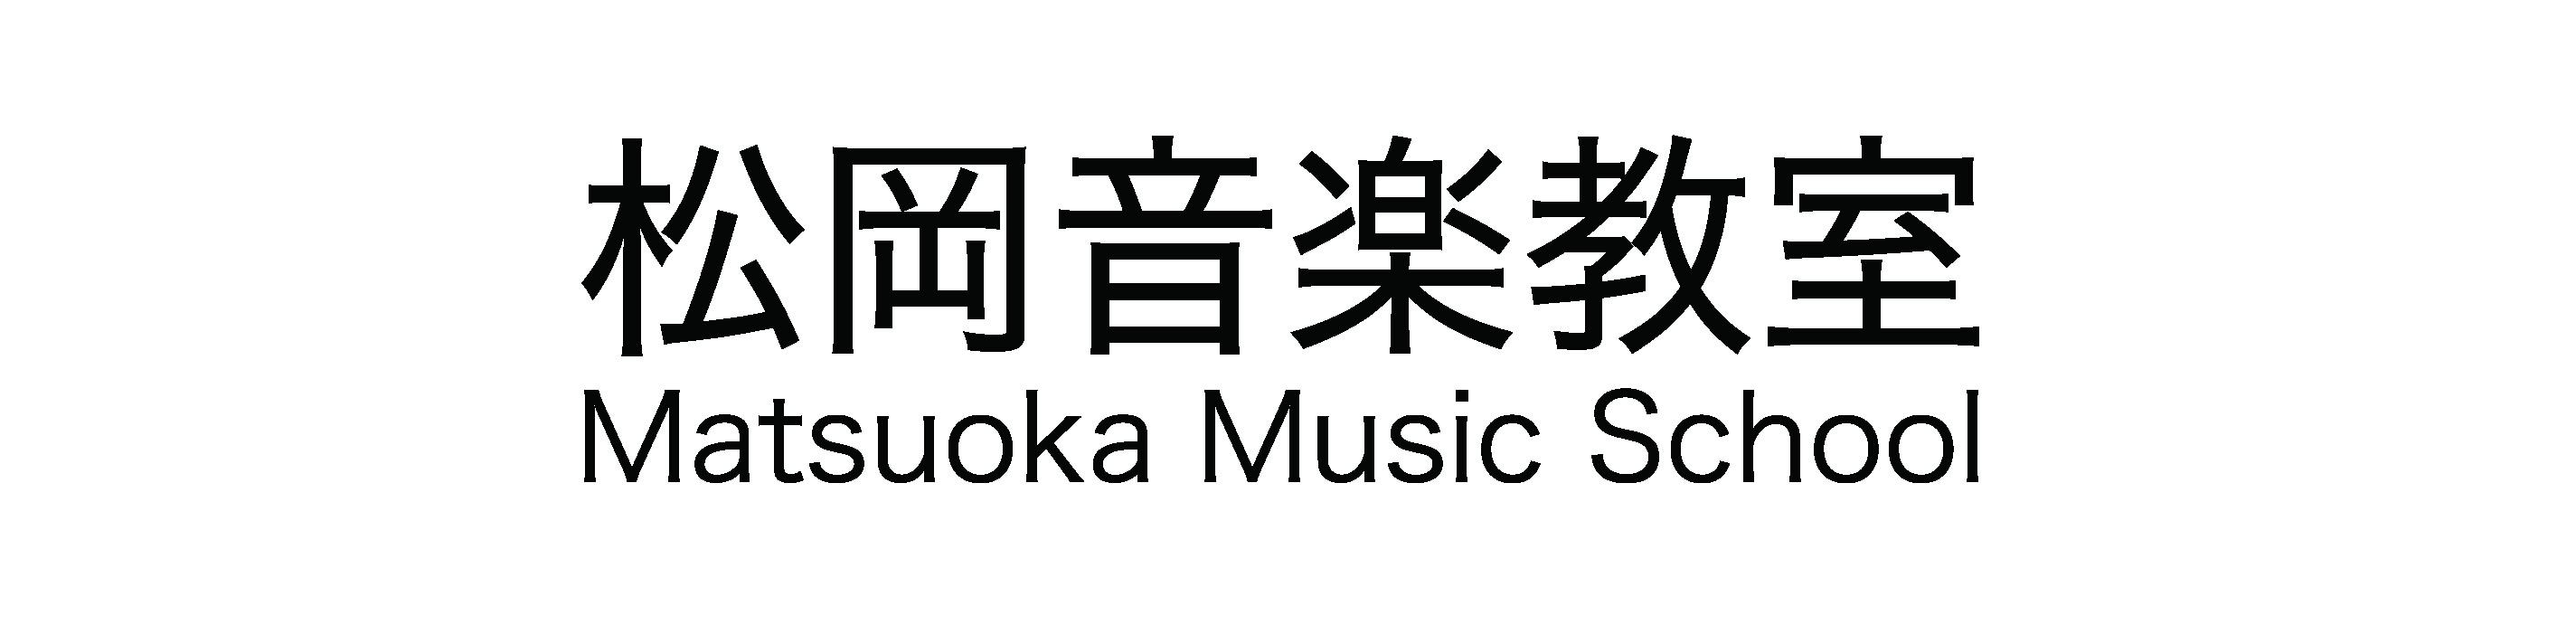 松岡音楽教室